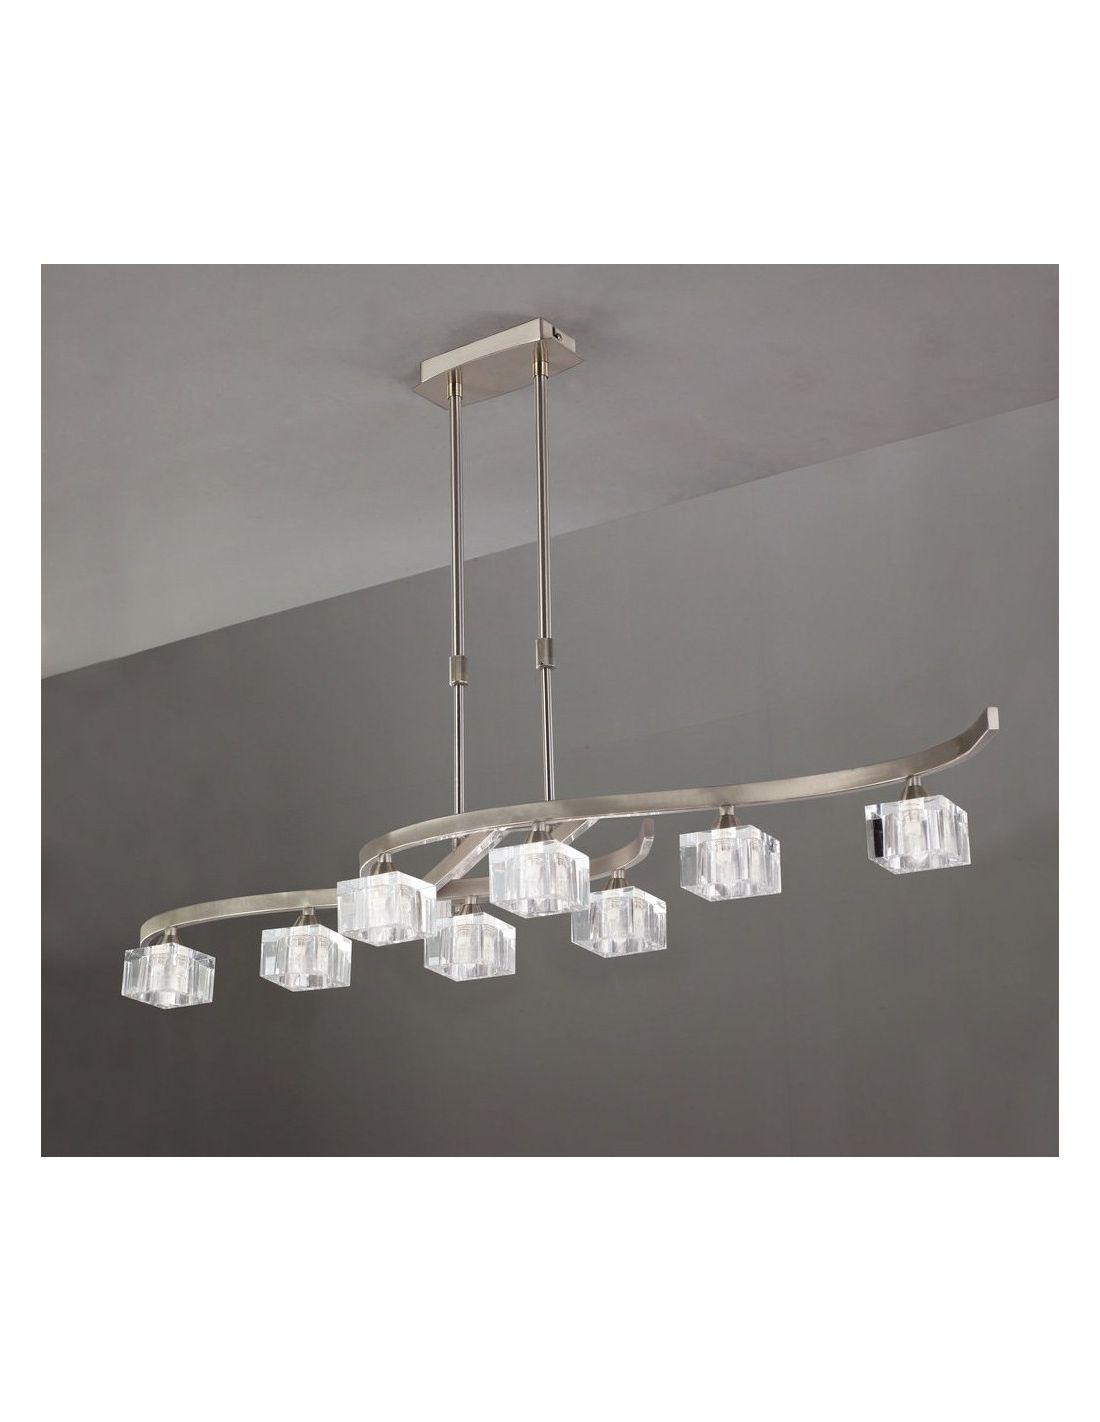 Tienda de lamparas lamparas en sevilla lamparas niquel - Lampara moderna techo ...